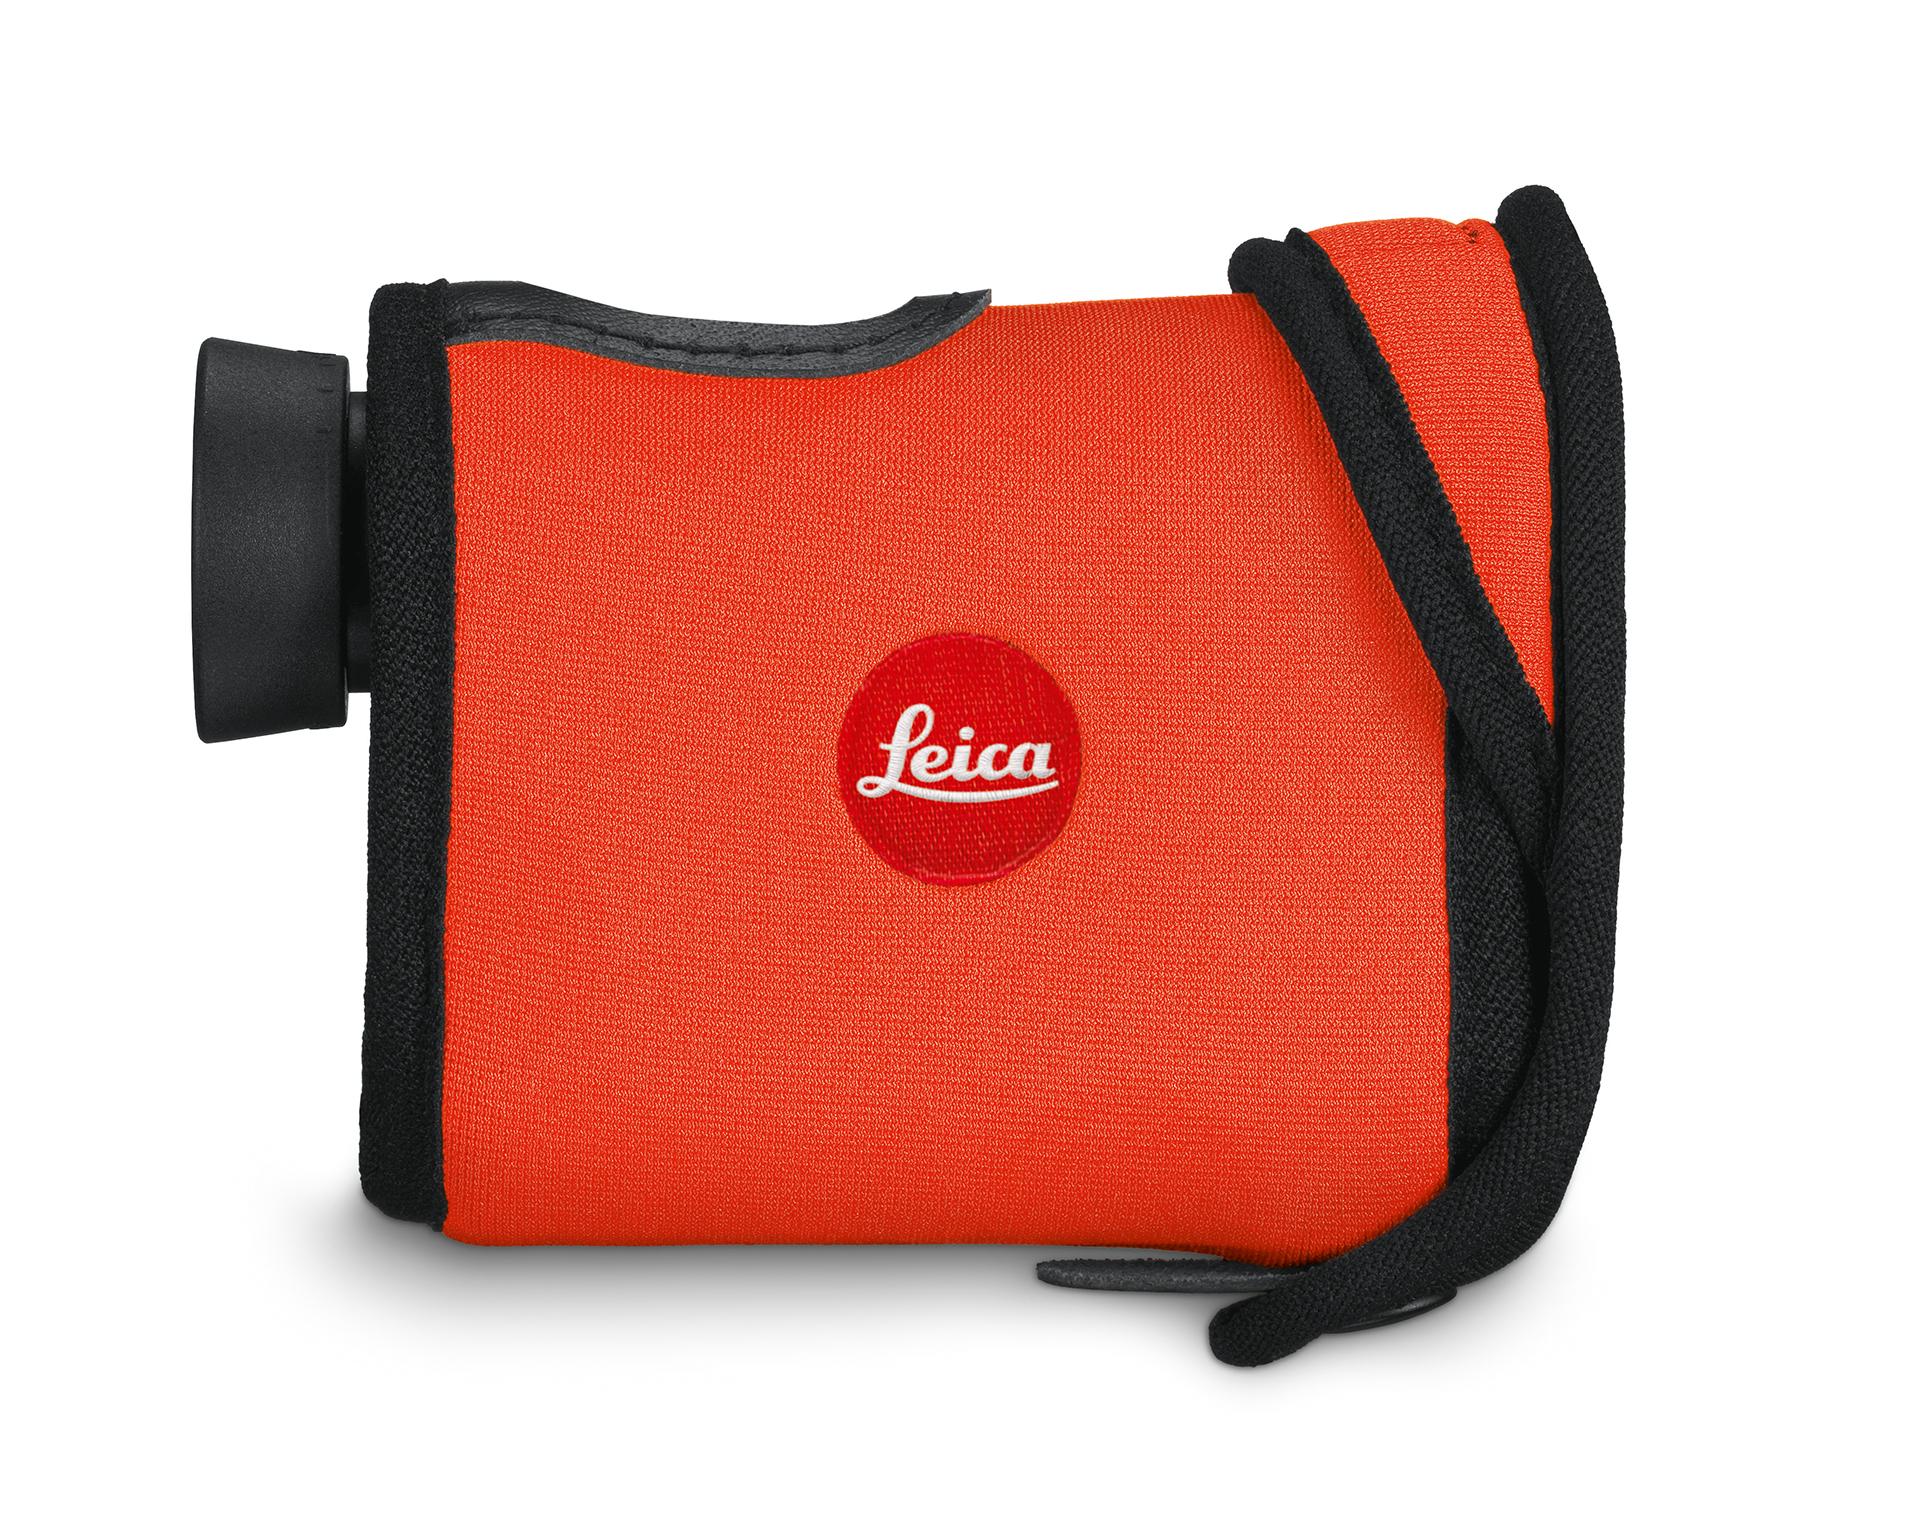 Leica Zielfernrohr Mit Entfernungsmesser : Rangemaster crf neopren hülle pitch black kaufen leica camera